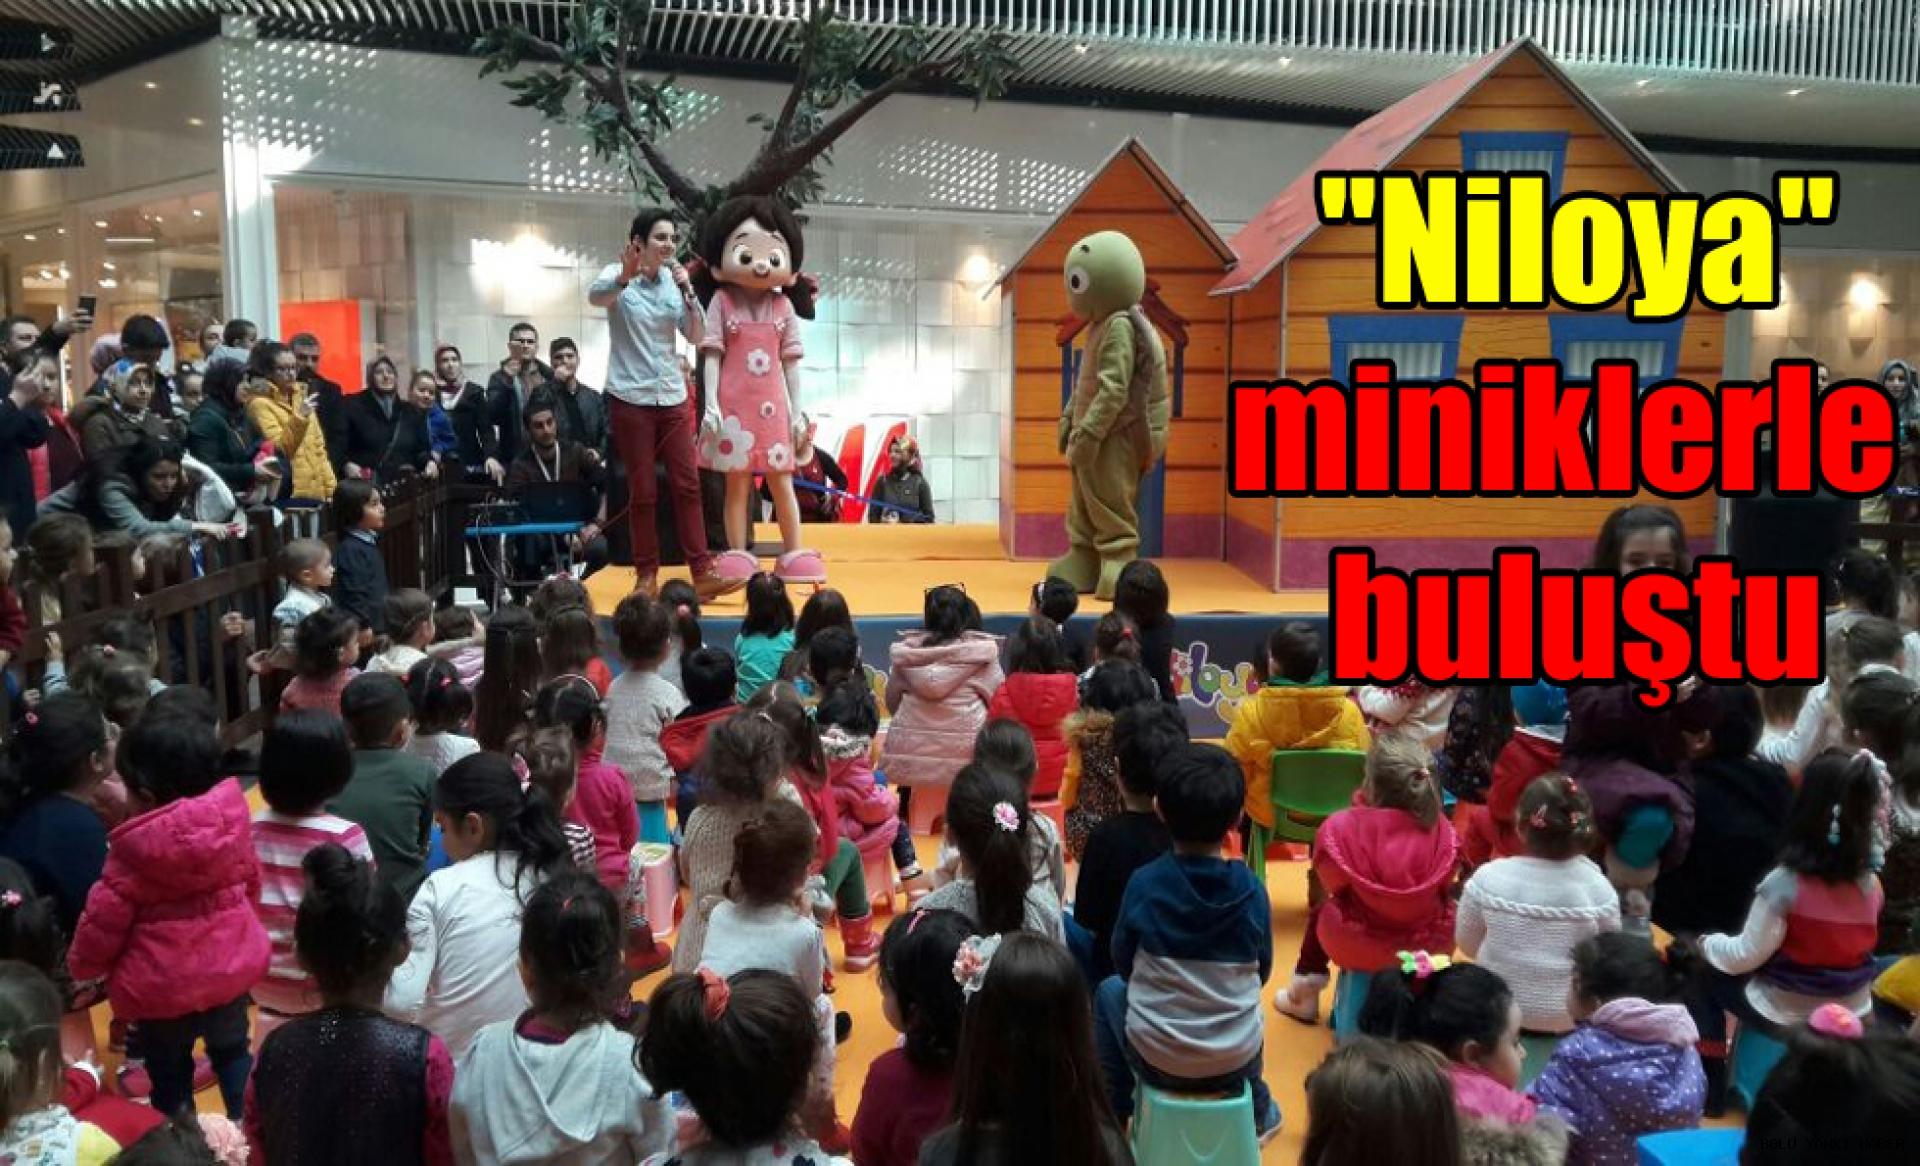 ''Niloya'' Bolu'da miniklerle buluştu.